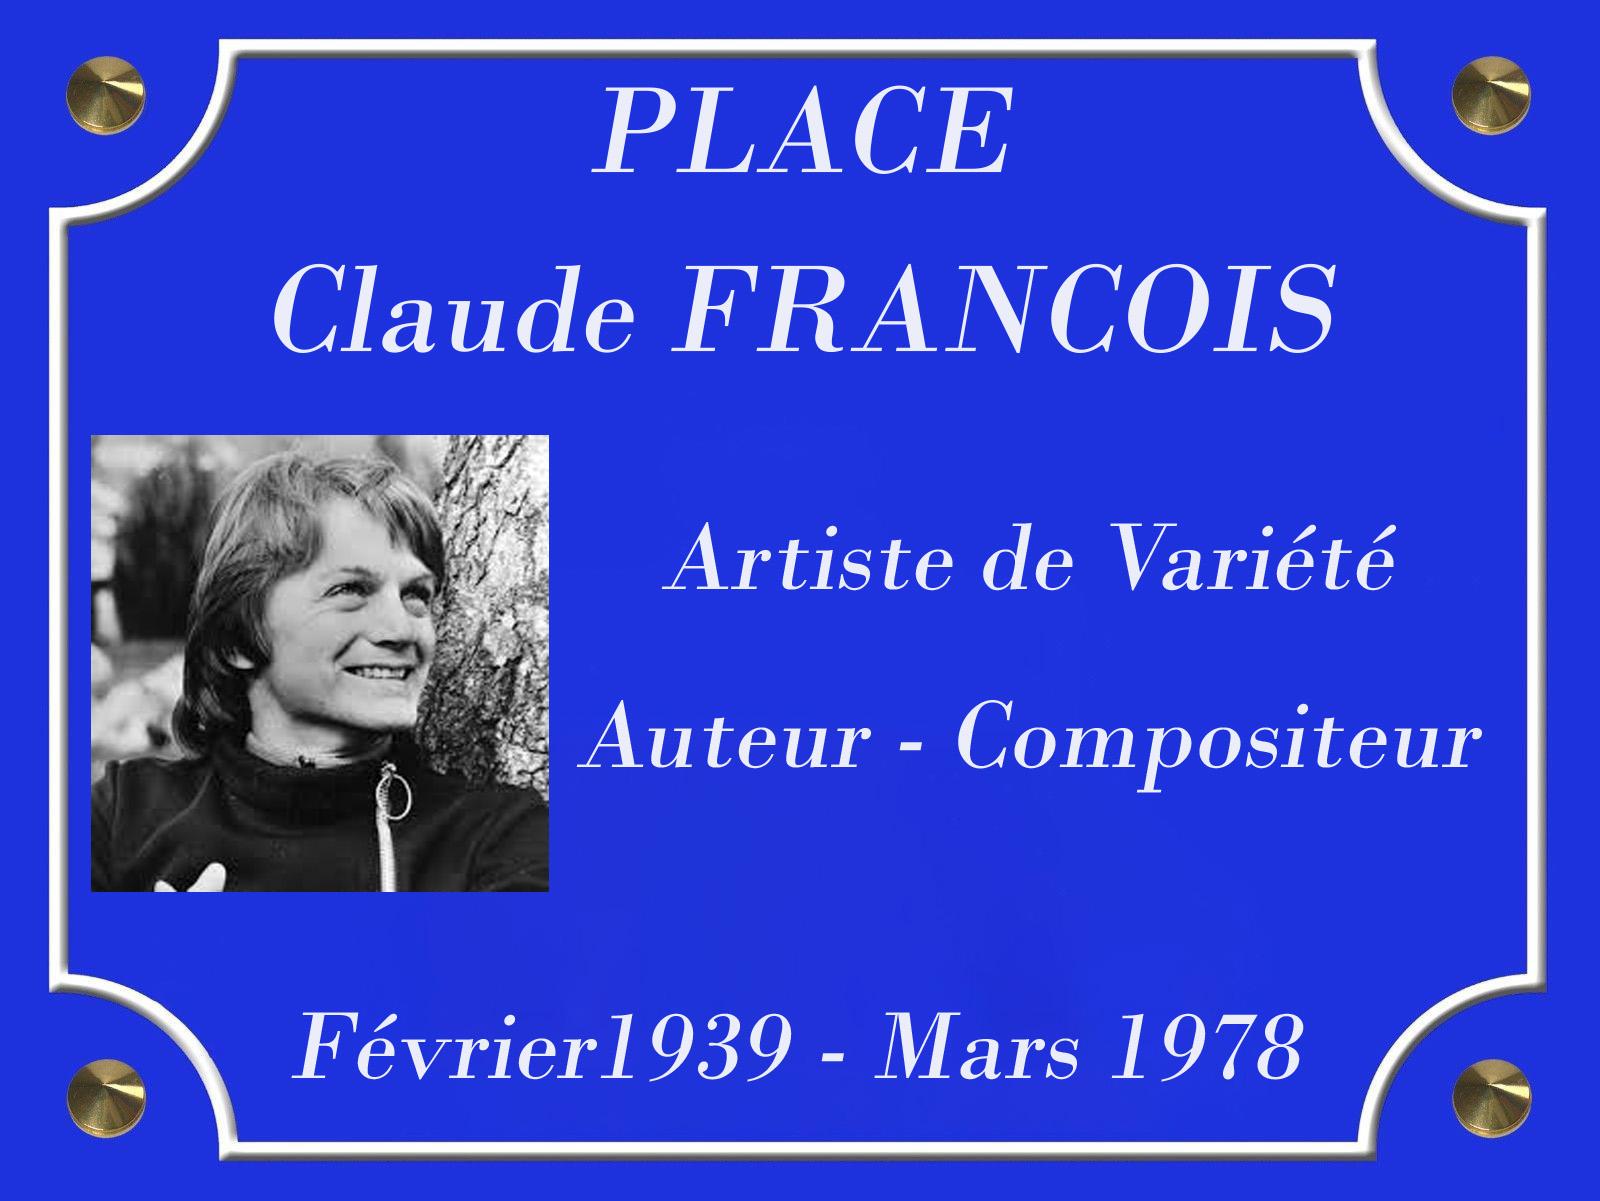 PLACE CLAUDE FRANCOIS ok